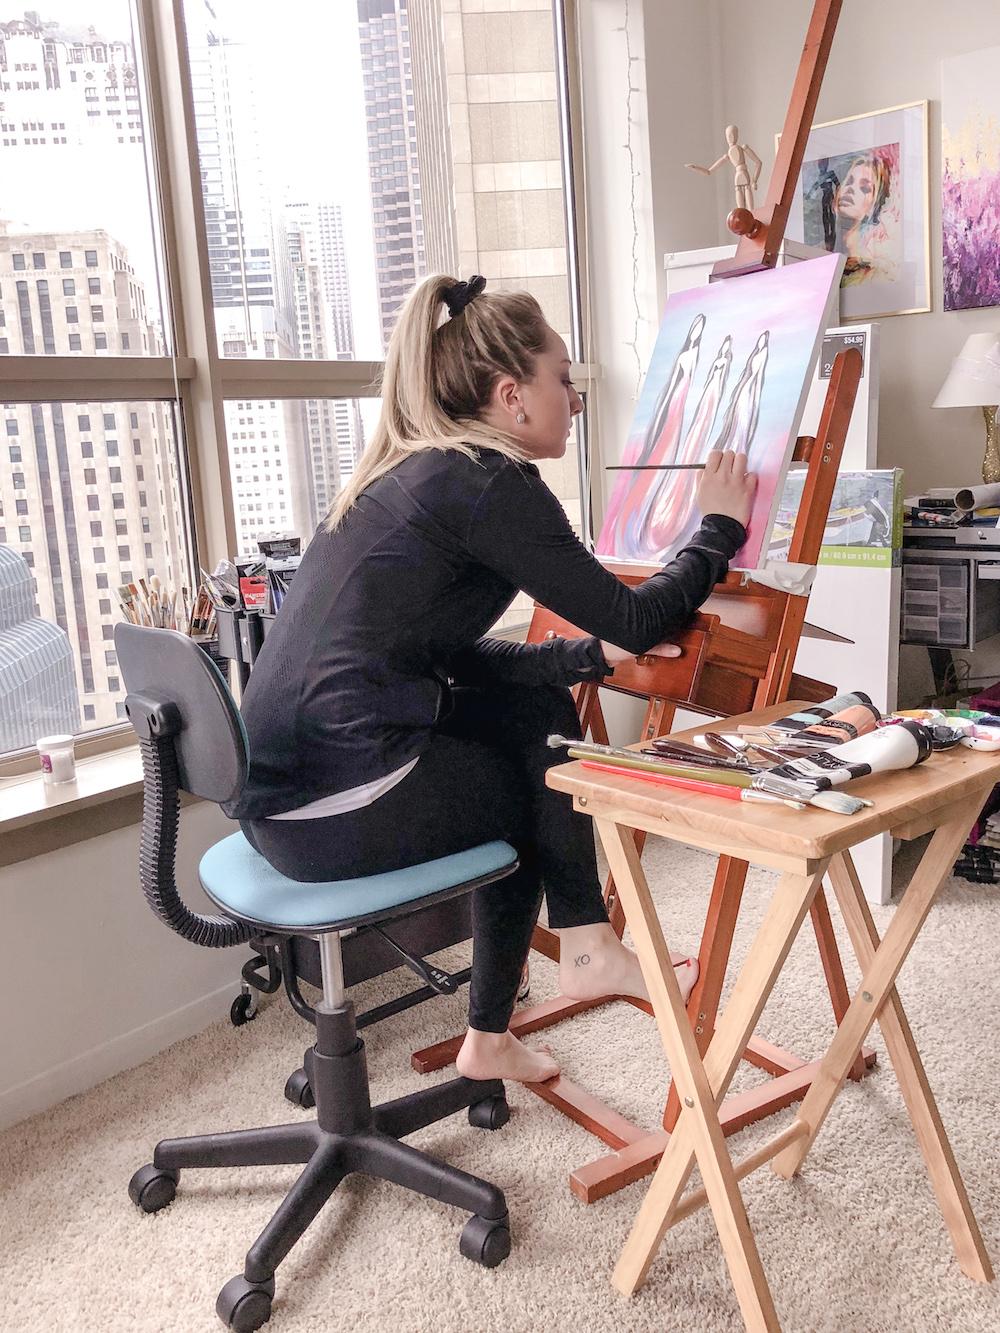 Amanda painting while sitting